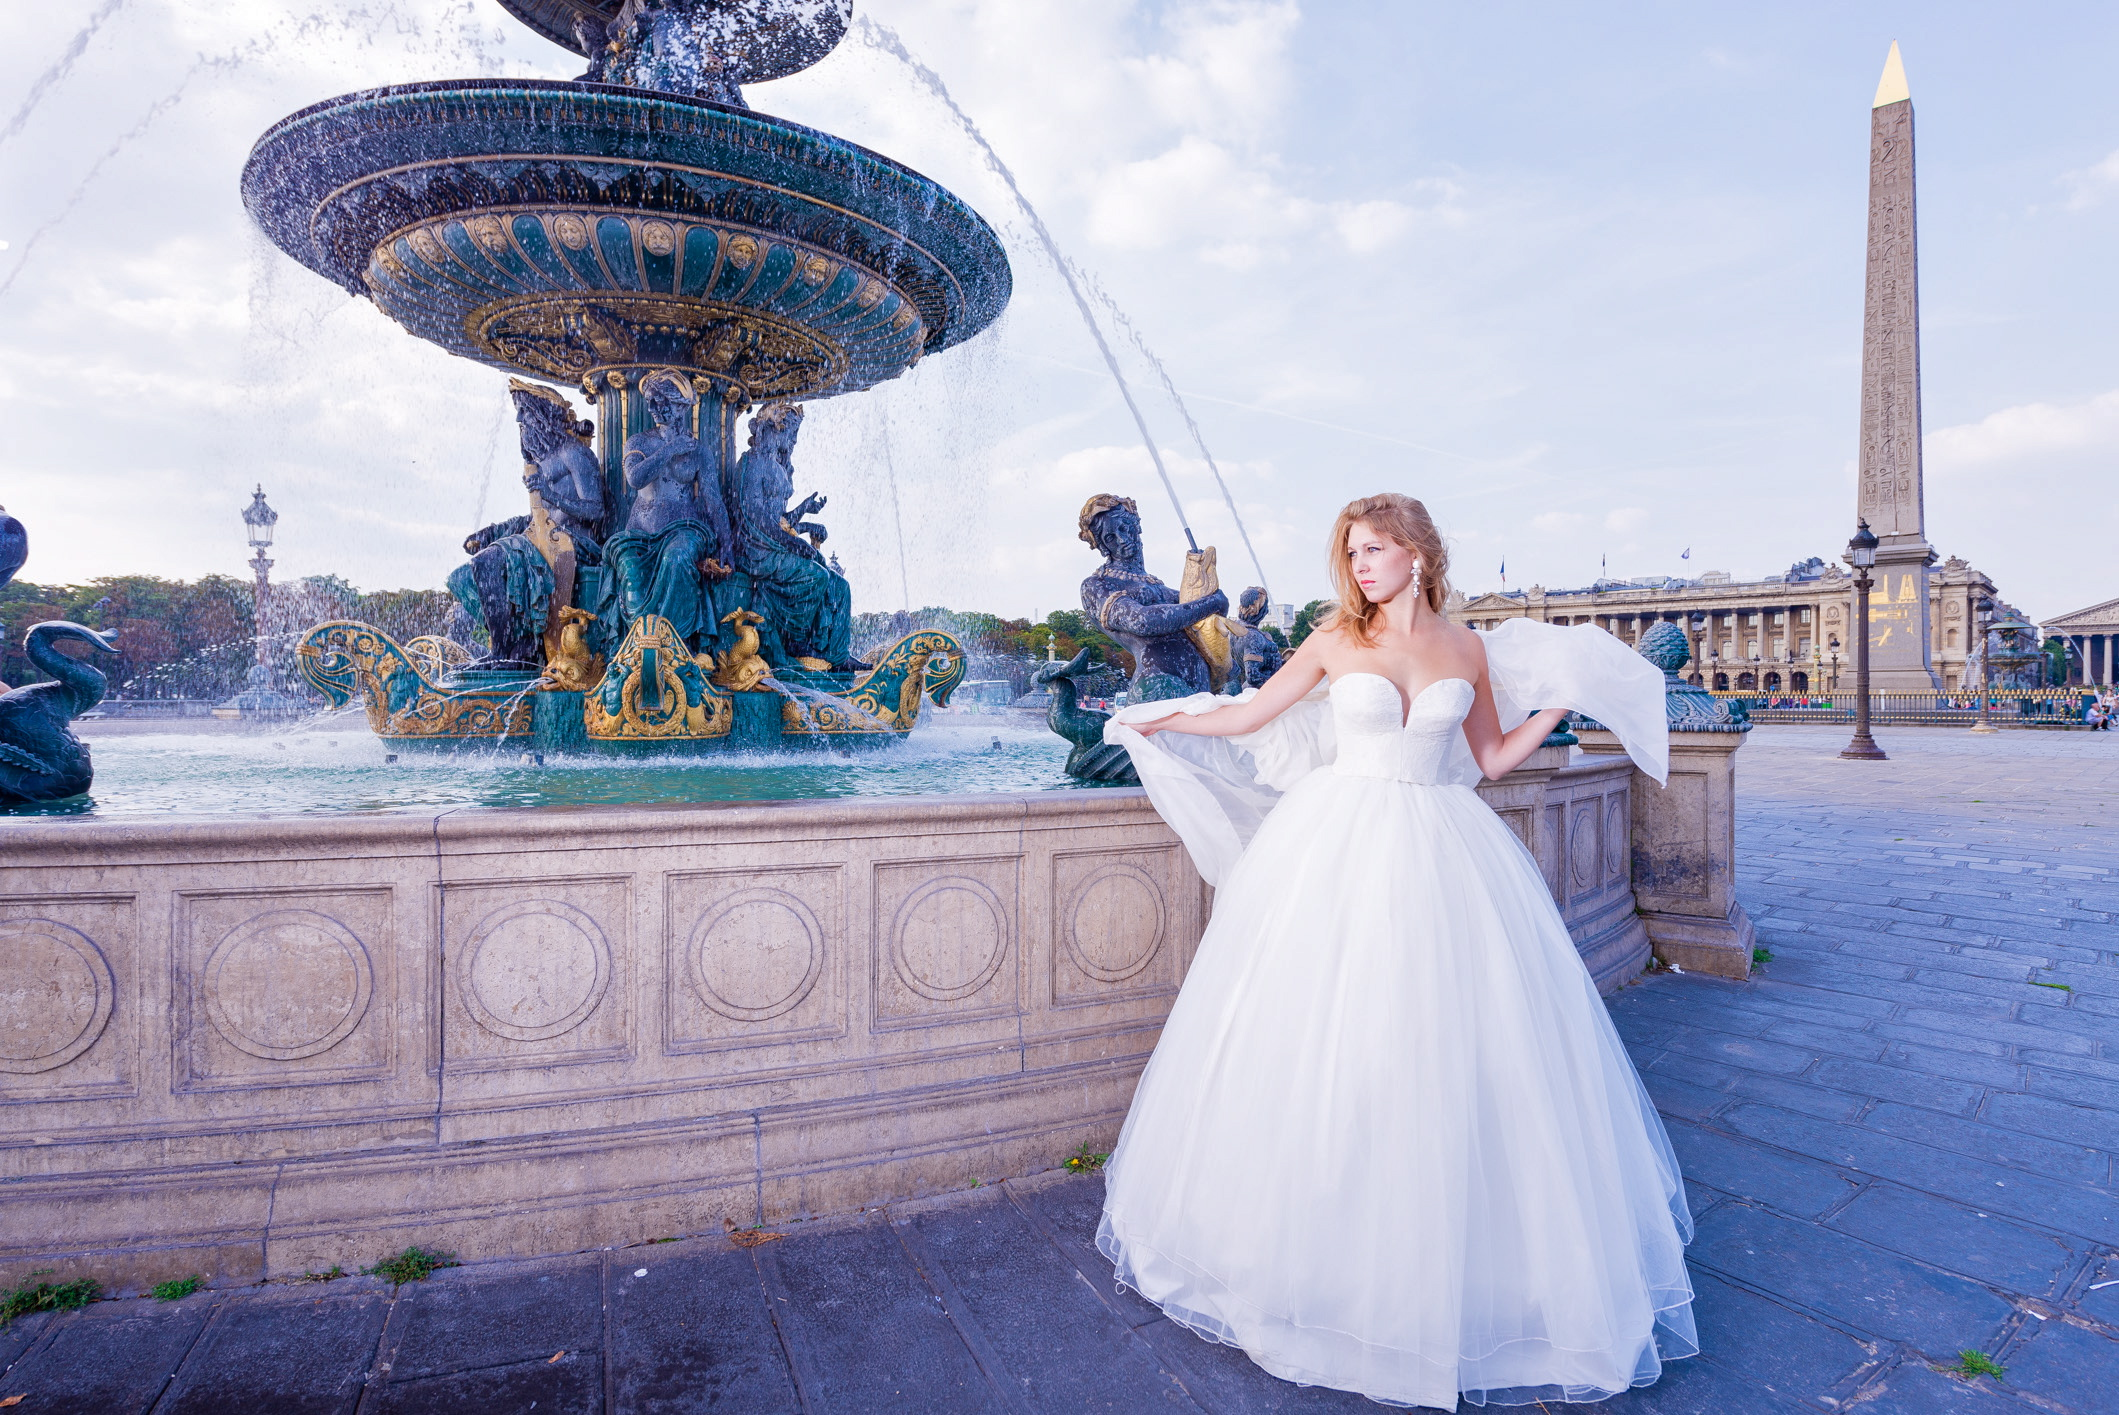 Robe de mariée Anastasia tulle et dentelle de Calais. Crédit photo : J&T PHOTO PARIS